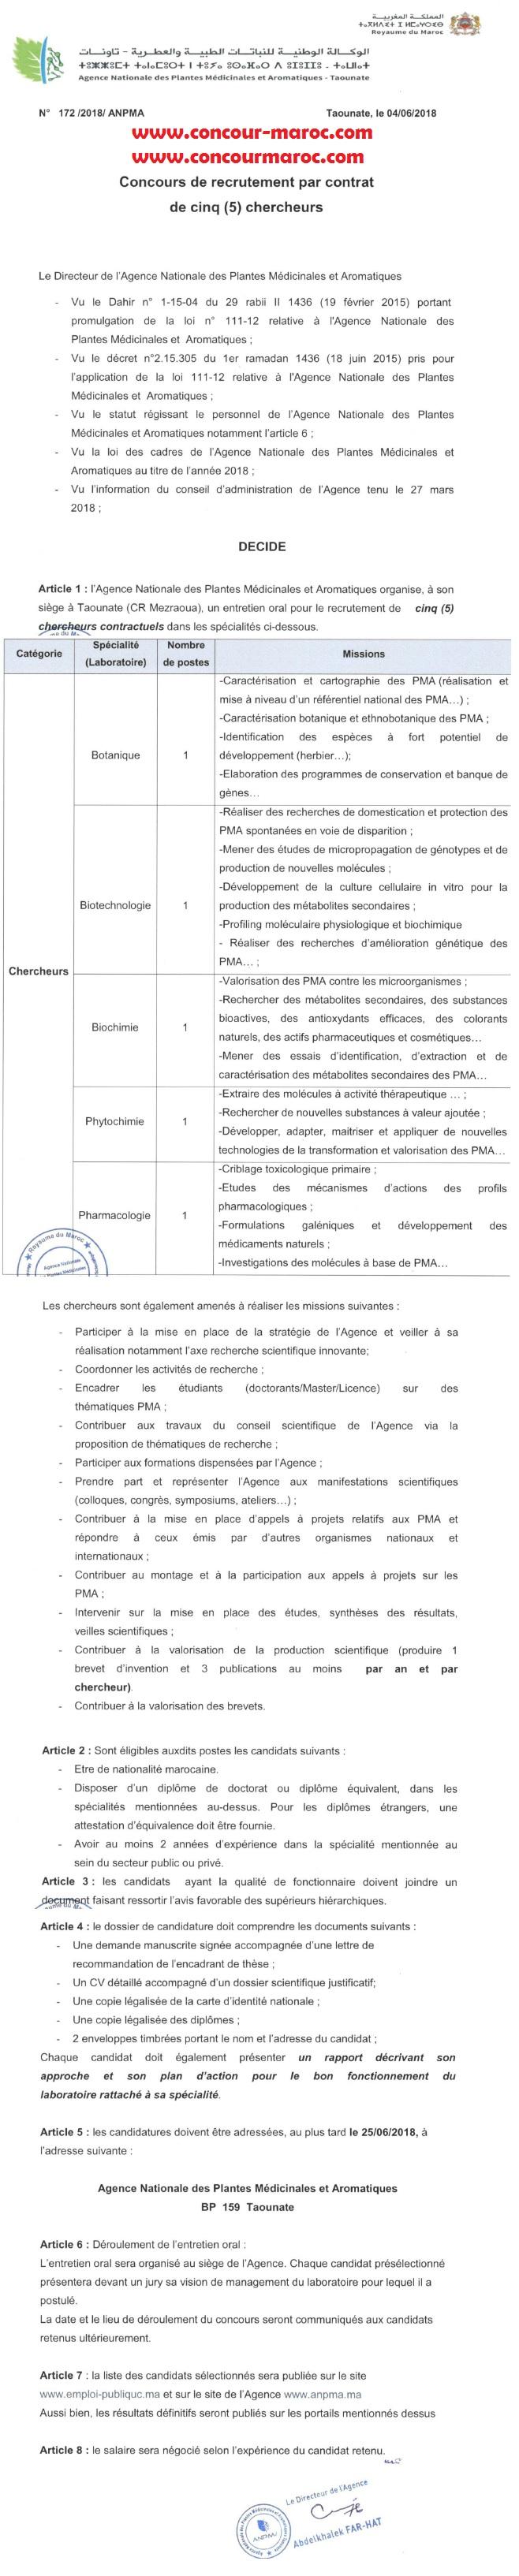 الوكالة الوطنية للنباتات الطبية والعطرية بتاونات : مباراة لتوظيف بموجب عقد 05 باحثين آخر أجل 25 يونيو 2018 Agence31